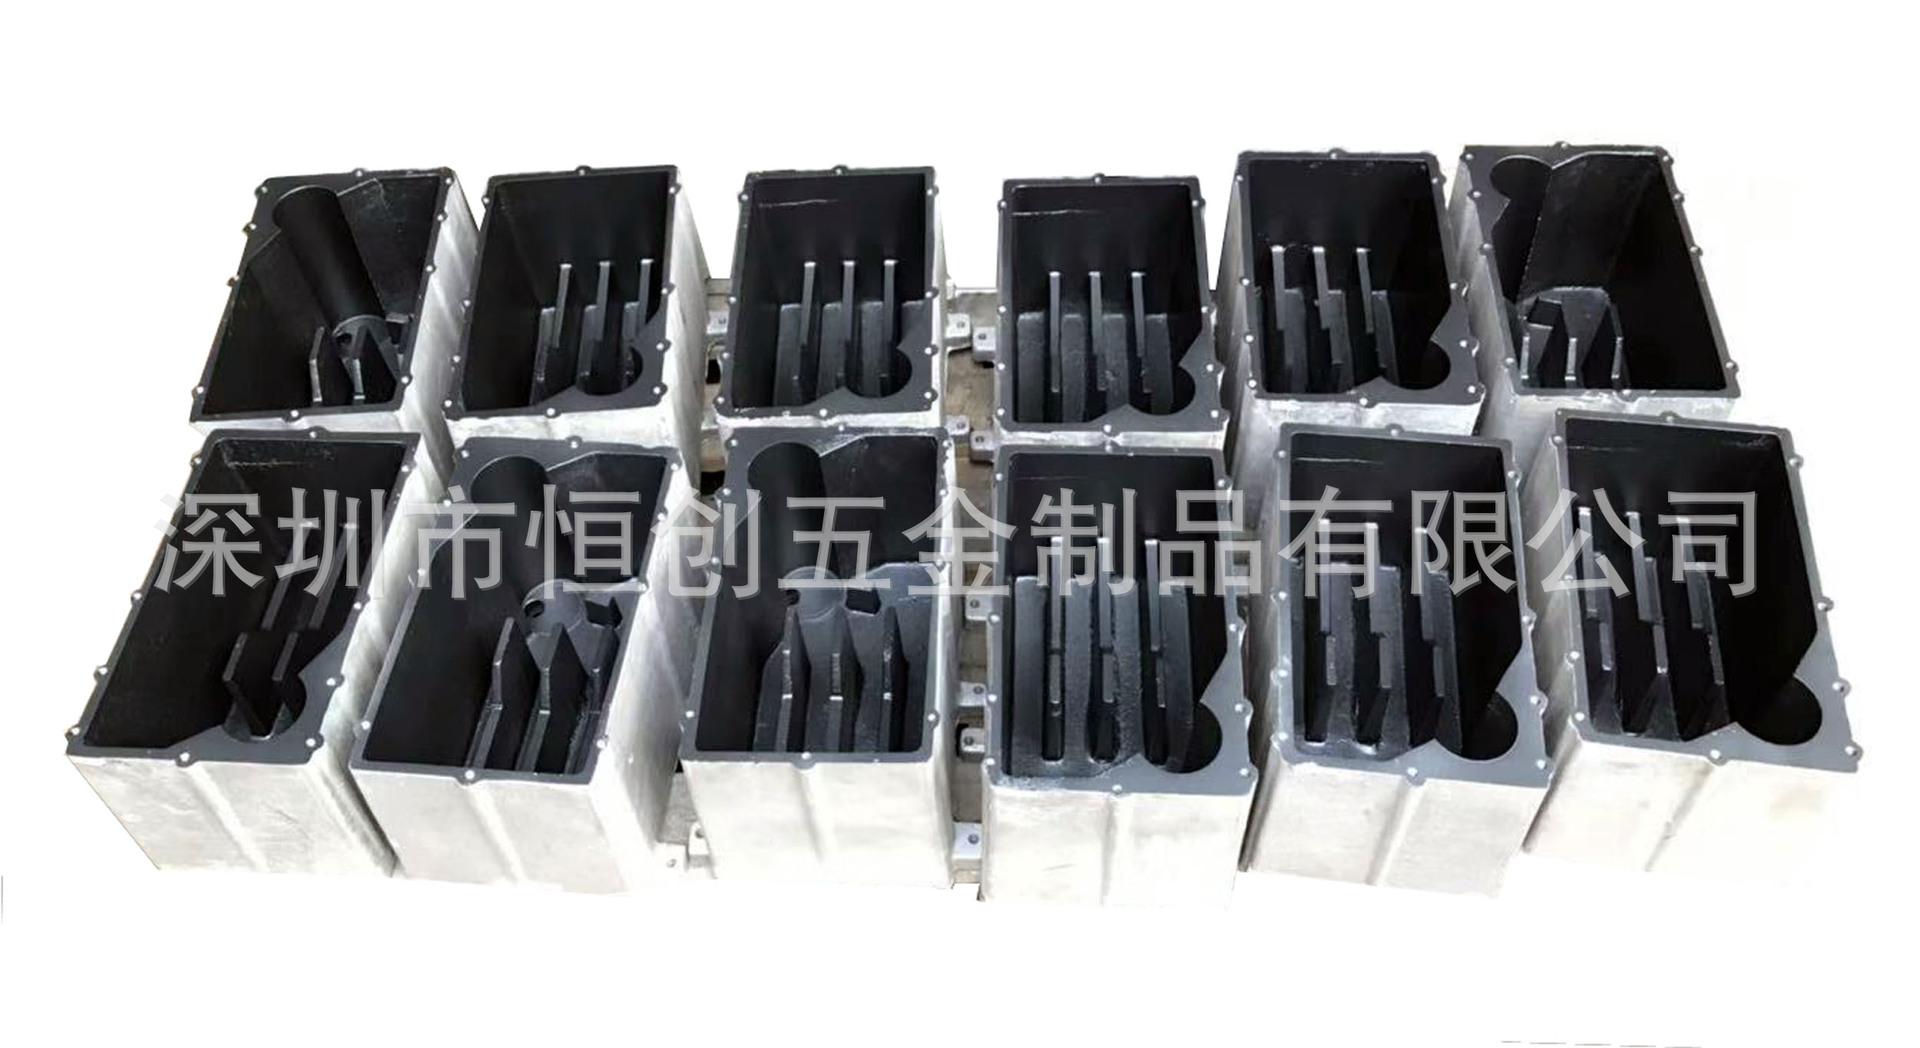 点胶机热熔胶机的不粘喷涂处理加工铁氟龙喷涂高温耐磨烤漆加工厂